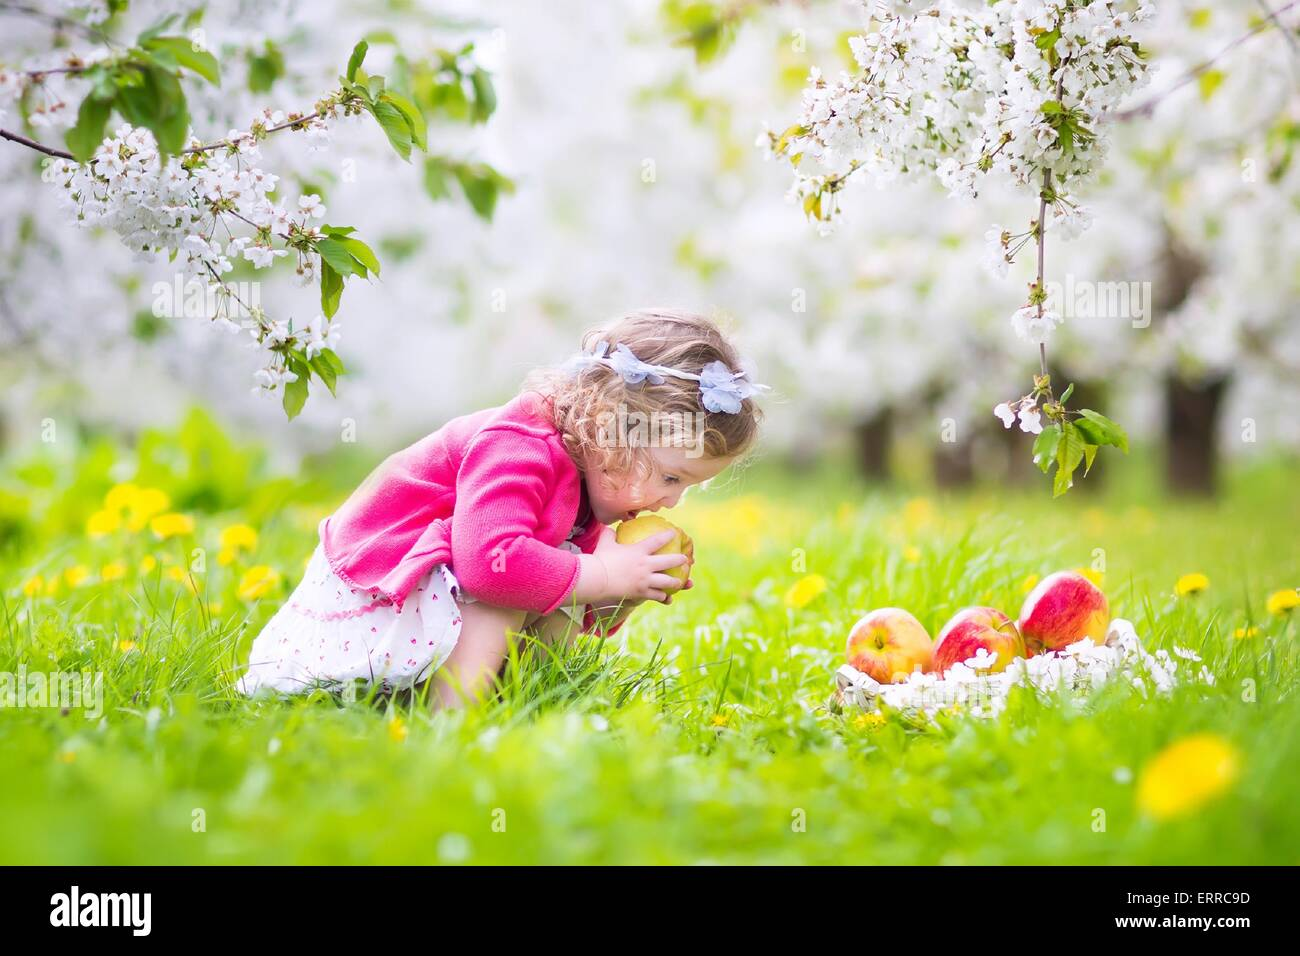 Heureux adorable bébé fille avec des cheveux bouclés et couronne de fleurs portant une robe rouge Photo Stock